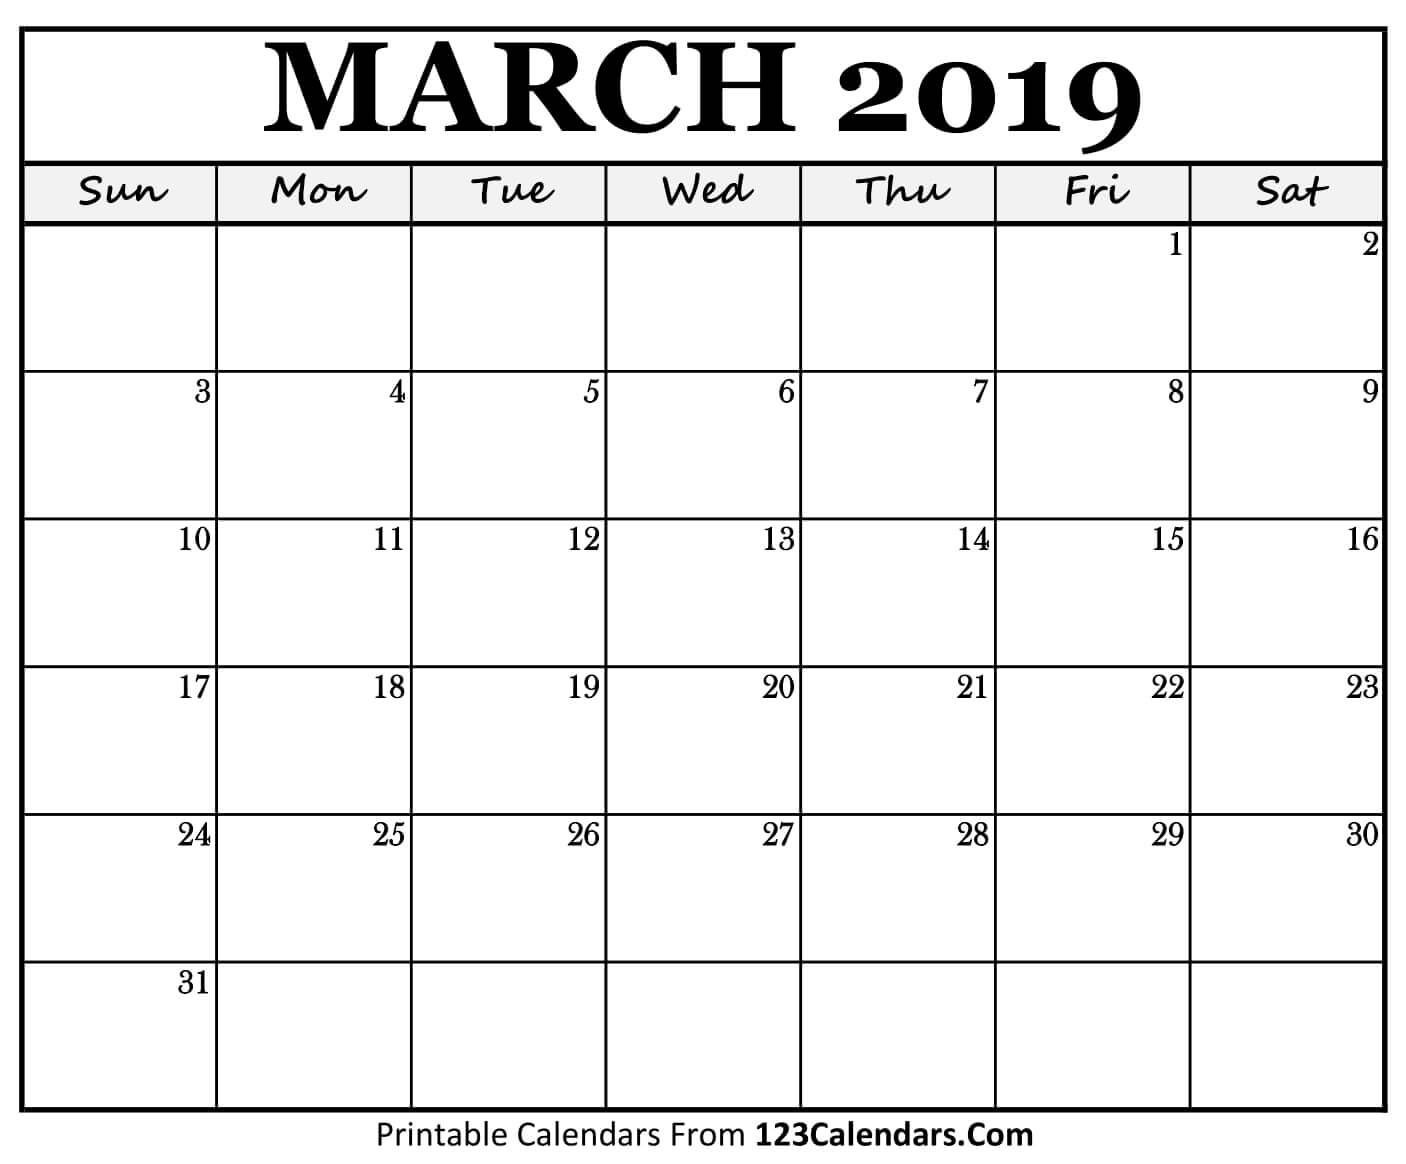 Printable March 2019 Calendar Templates – 123Calendars March 4 2019 Calendar